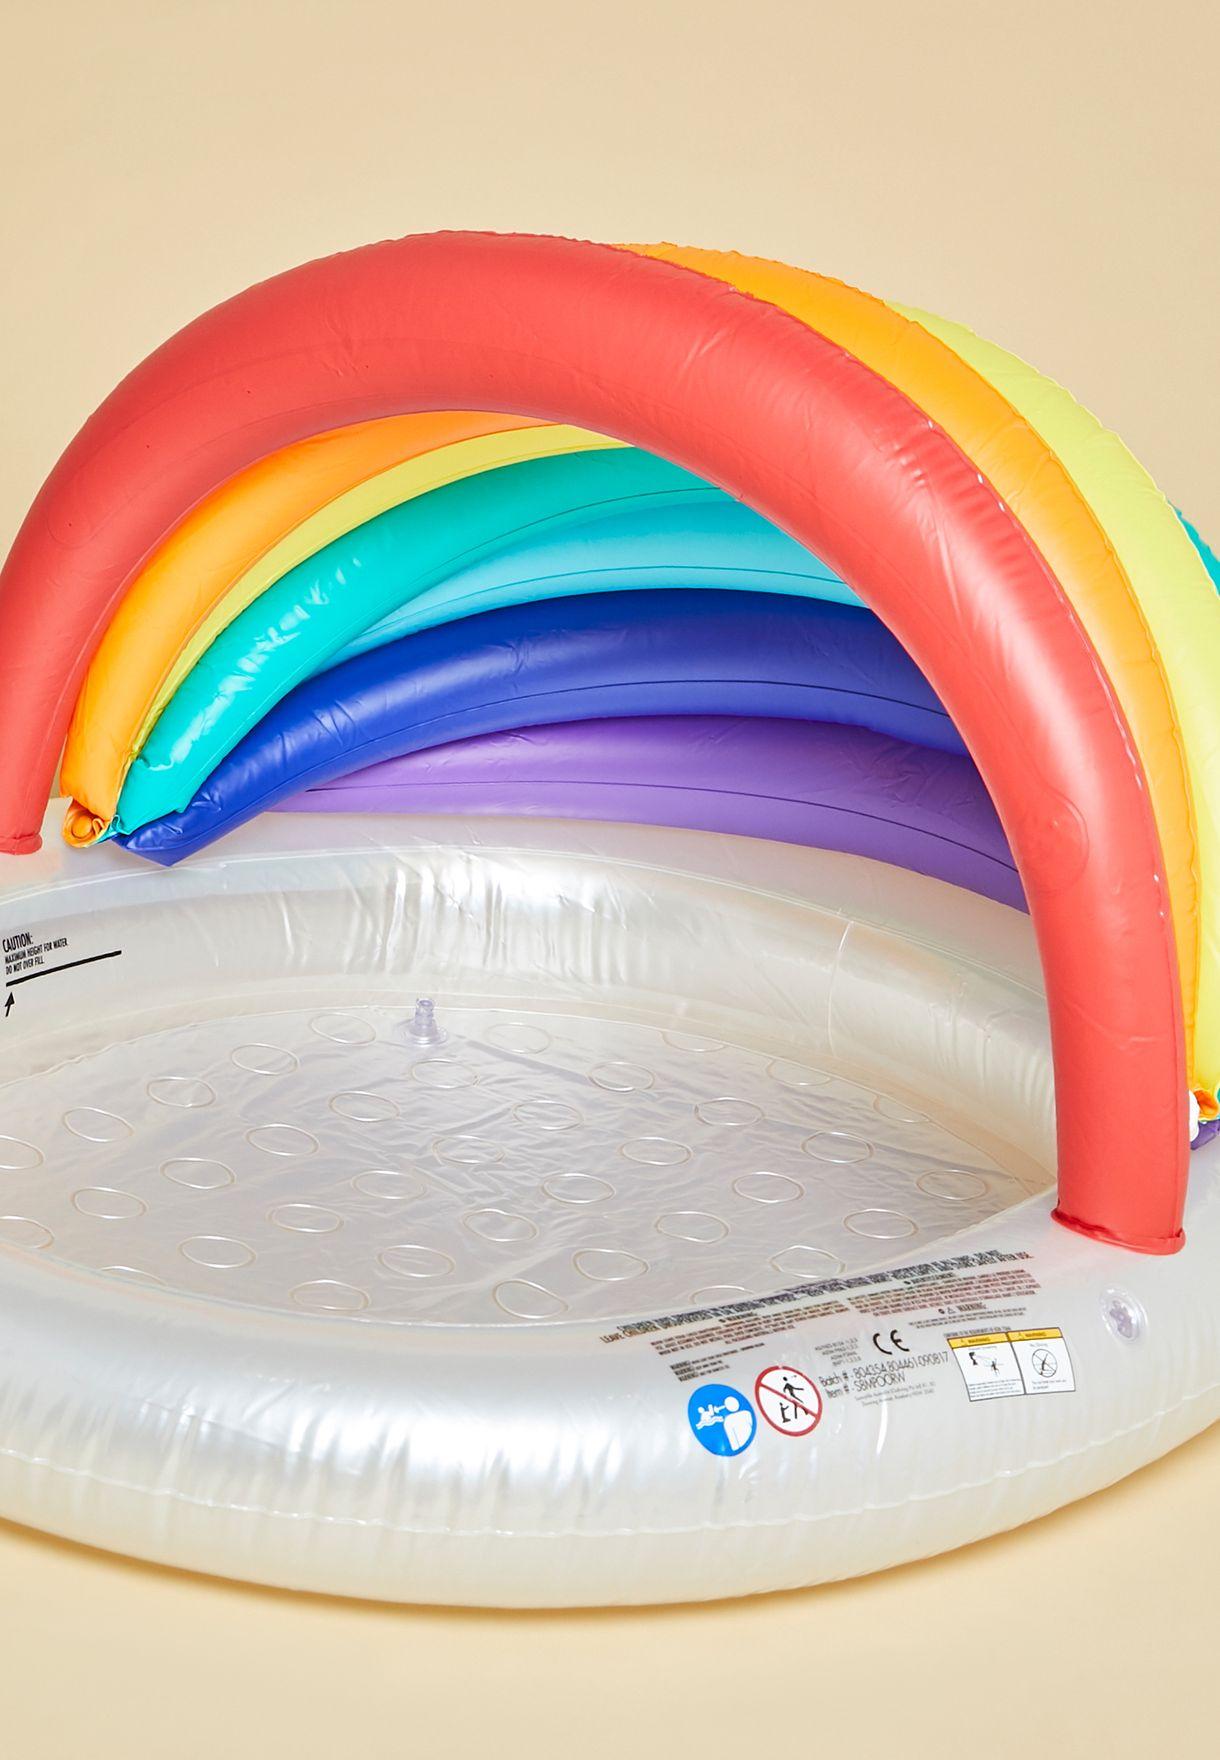 حوض سباحة للاطفال بشكل قوس قزح